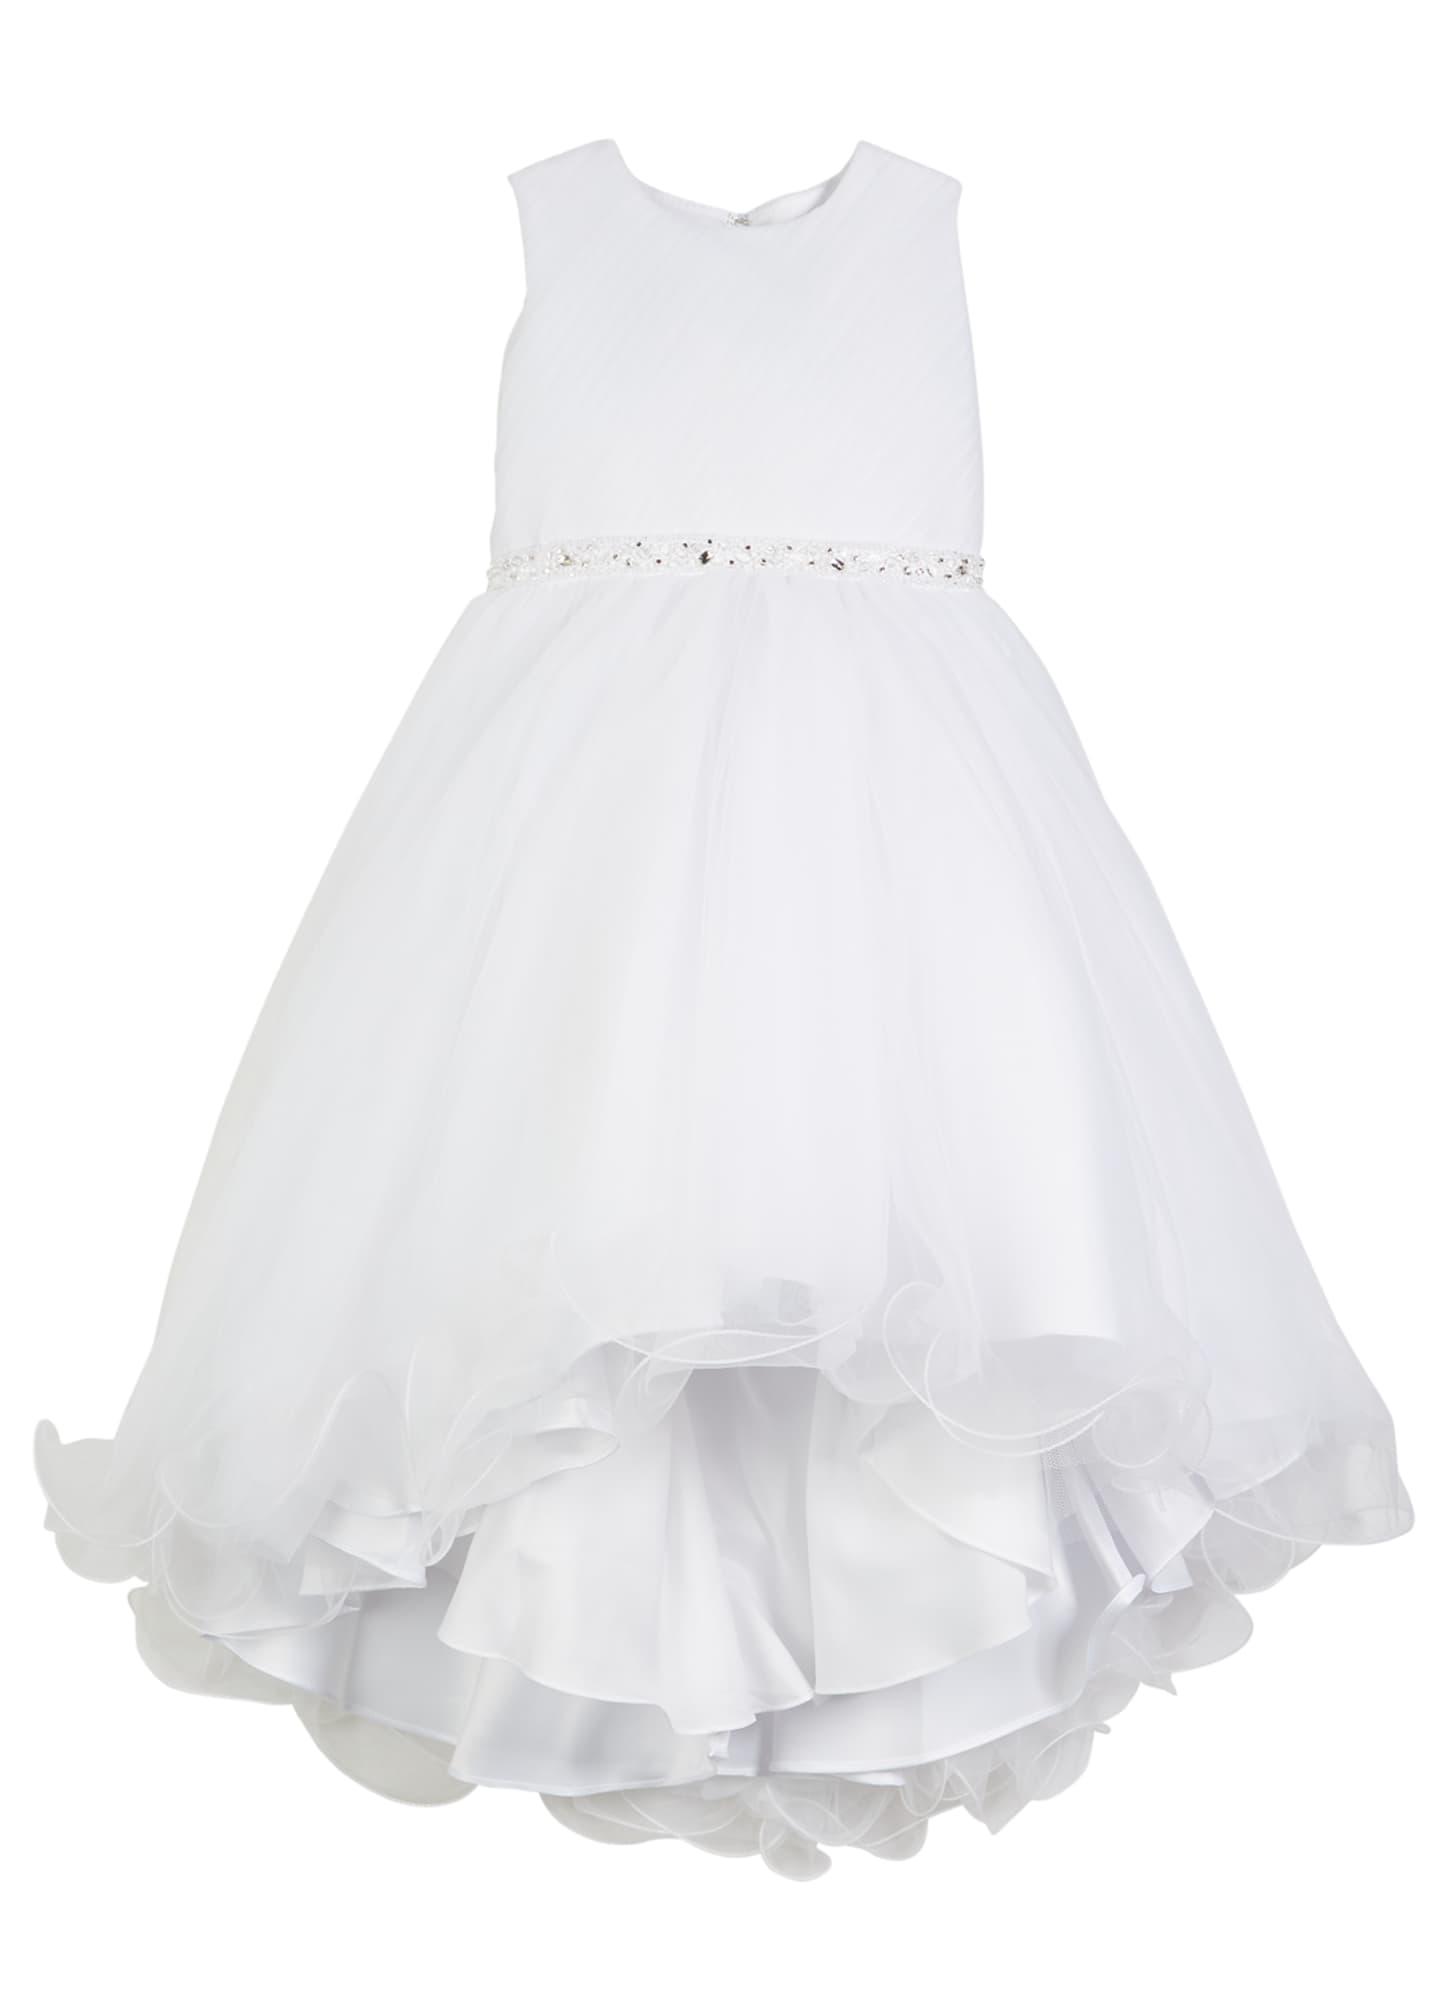 Joan Calabrese Diagonal Sheer Top Dress w/ Rhinestone